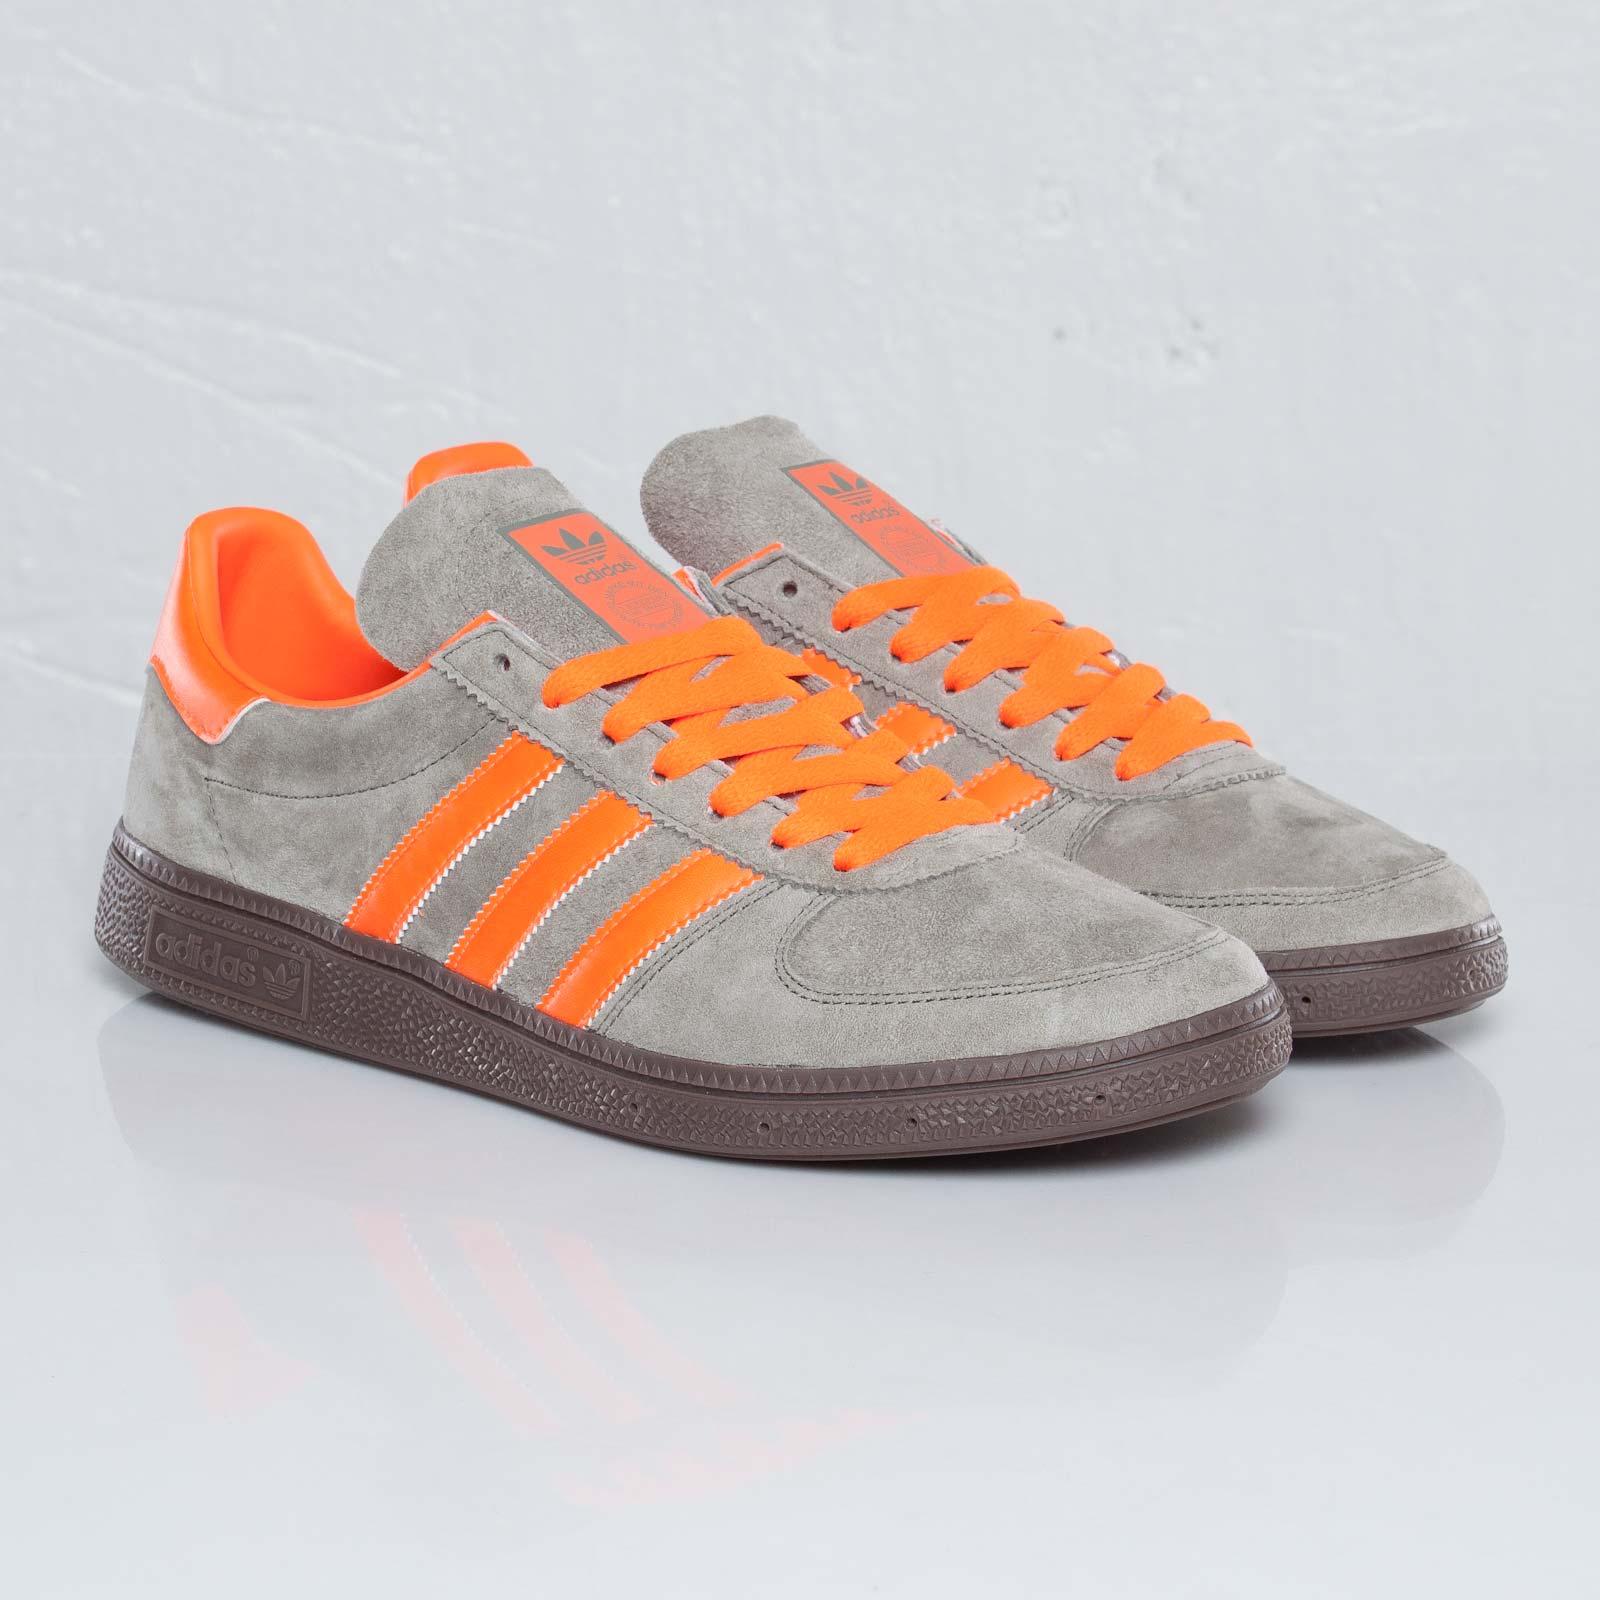 zapatos de otoño estilo actualizado buen servicio adidas Baltic Cup - 109755 - Sneakersnstuff | sneakers ...